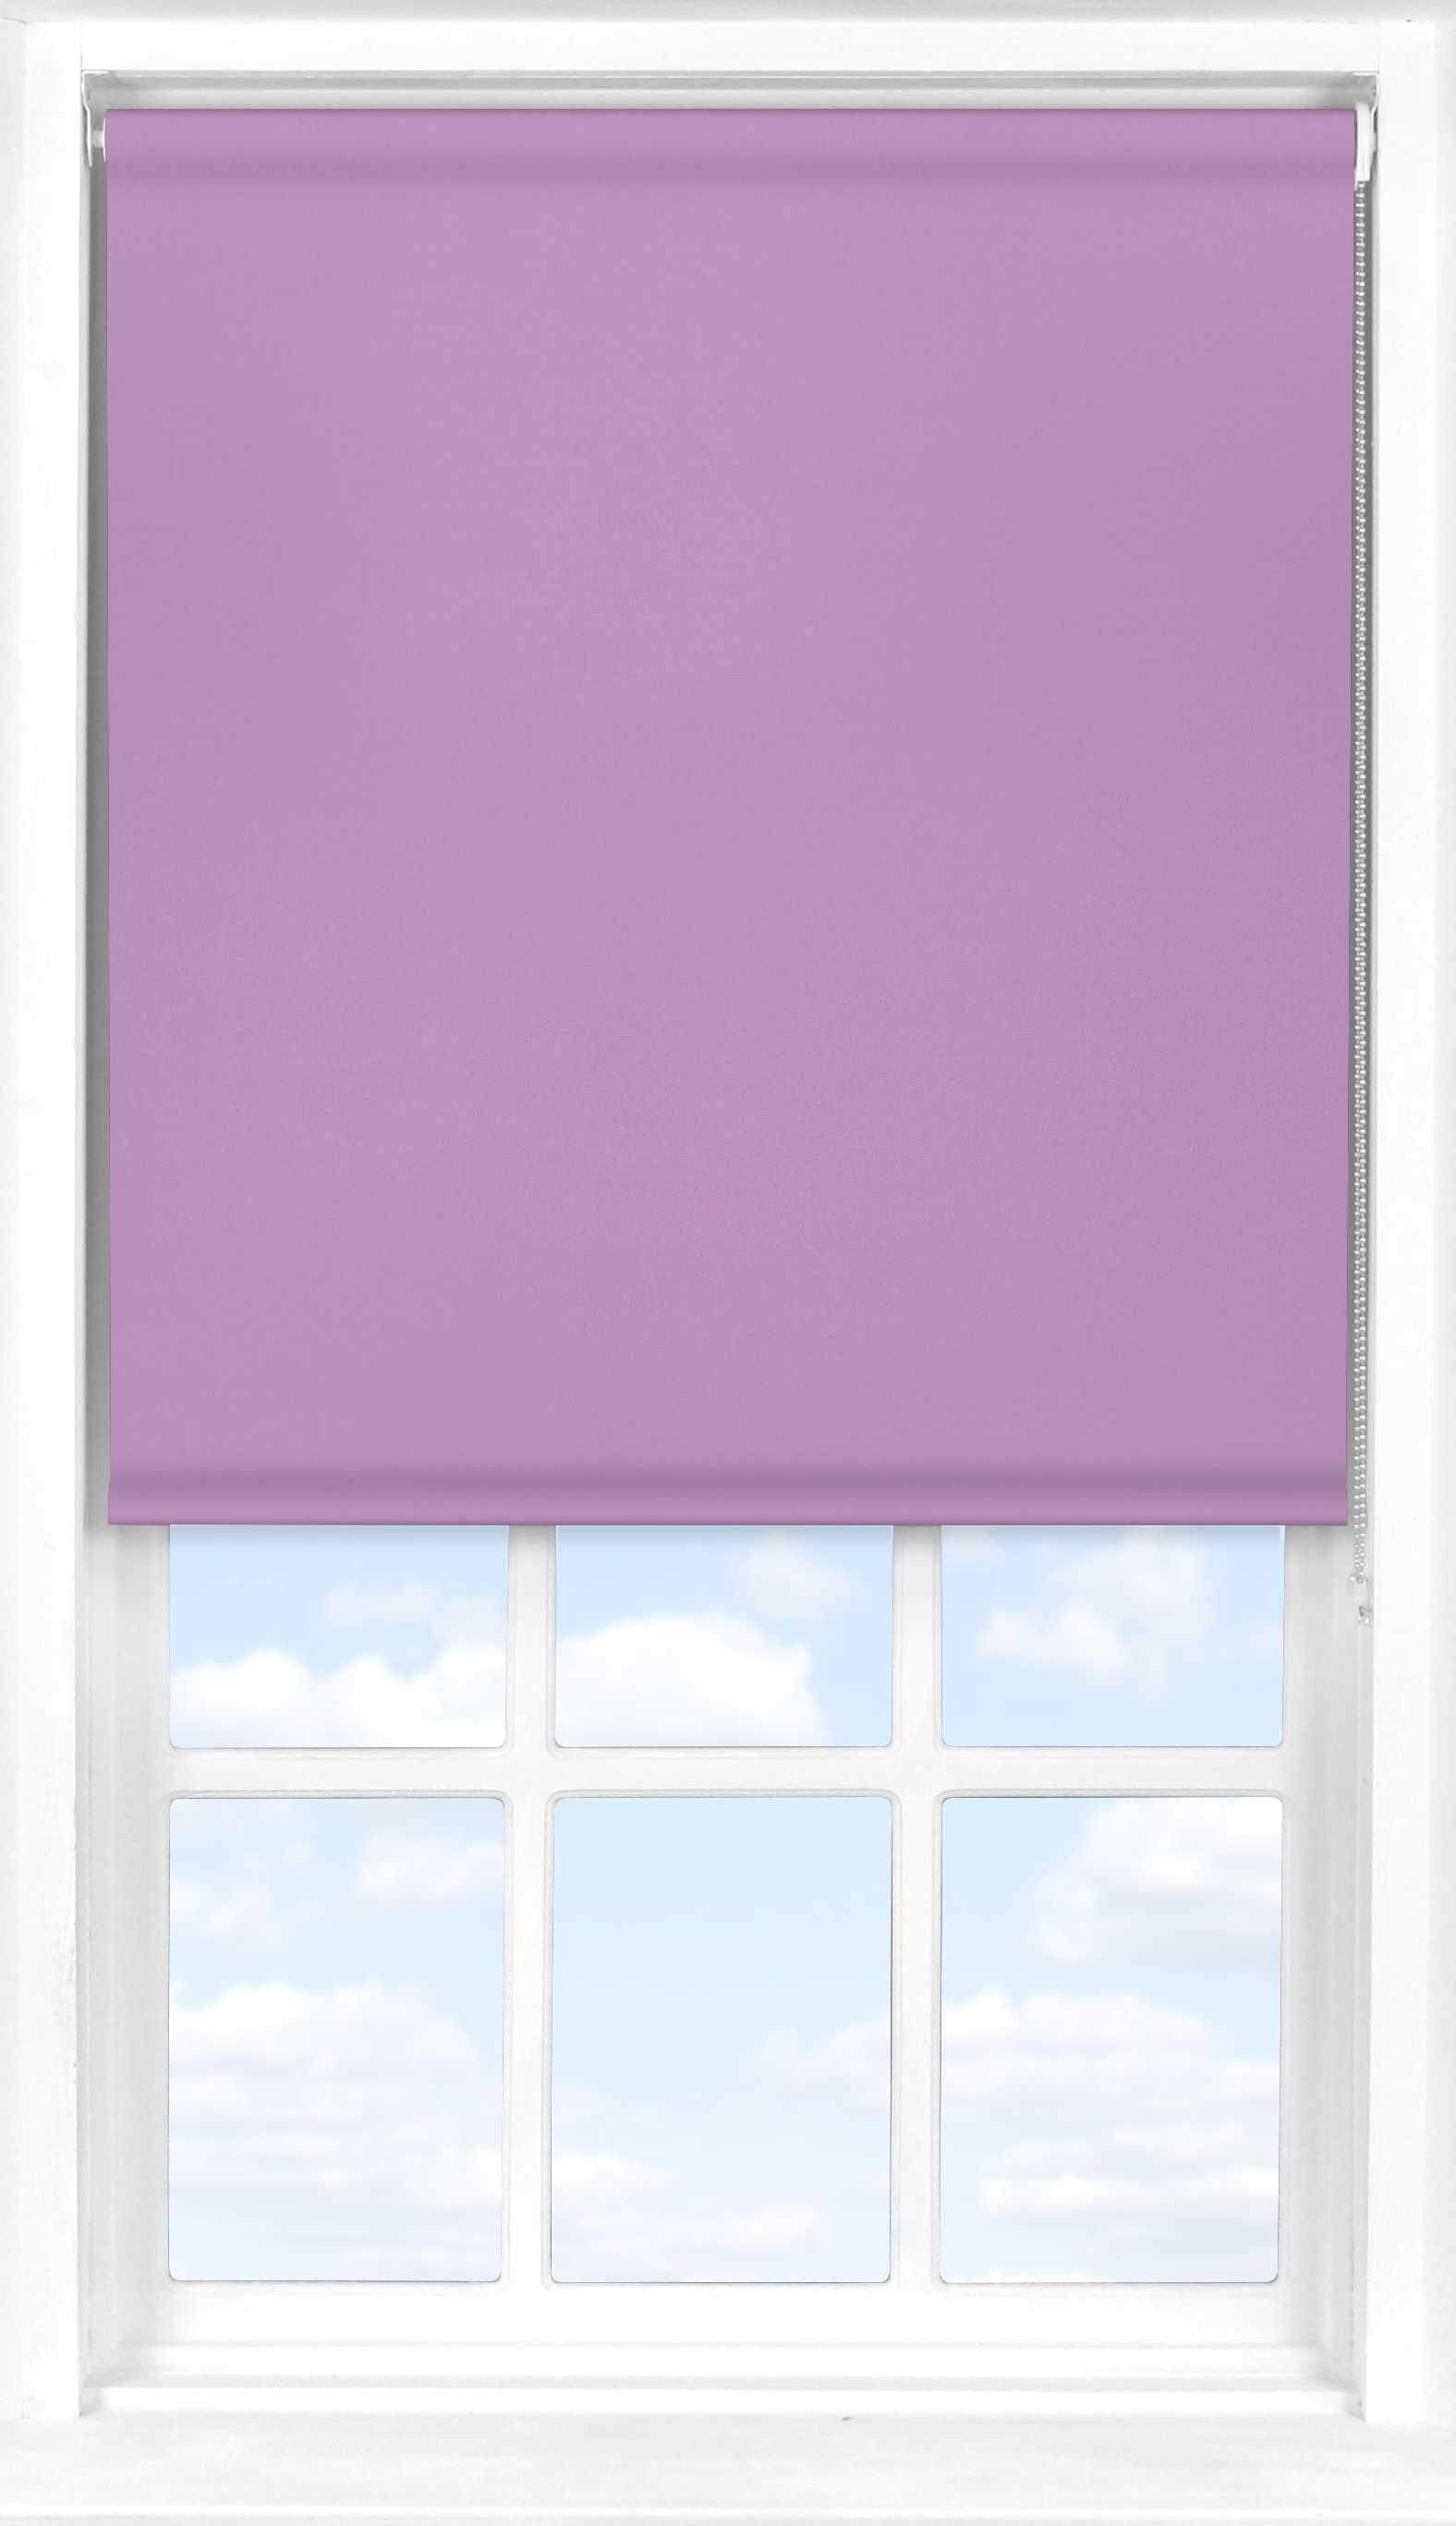 Roller Blind in Lavender Mist Translucent